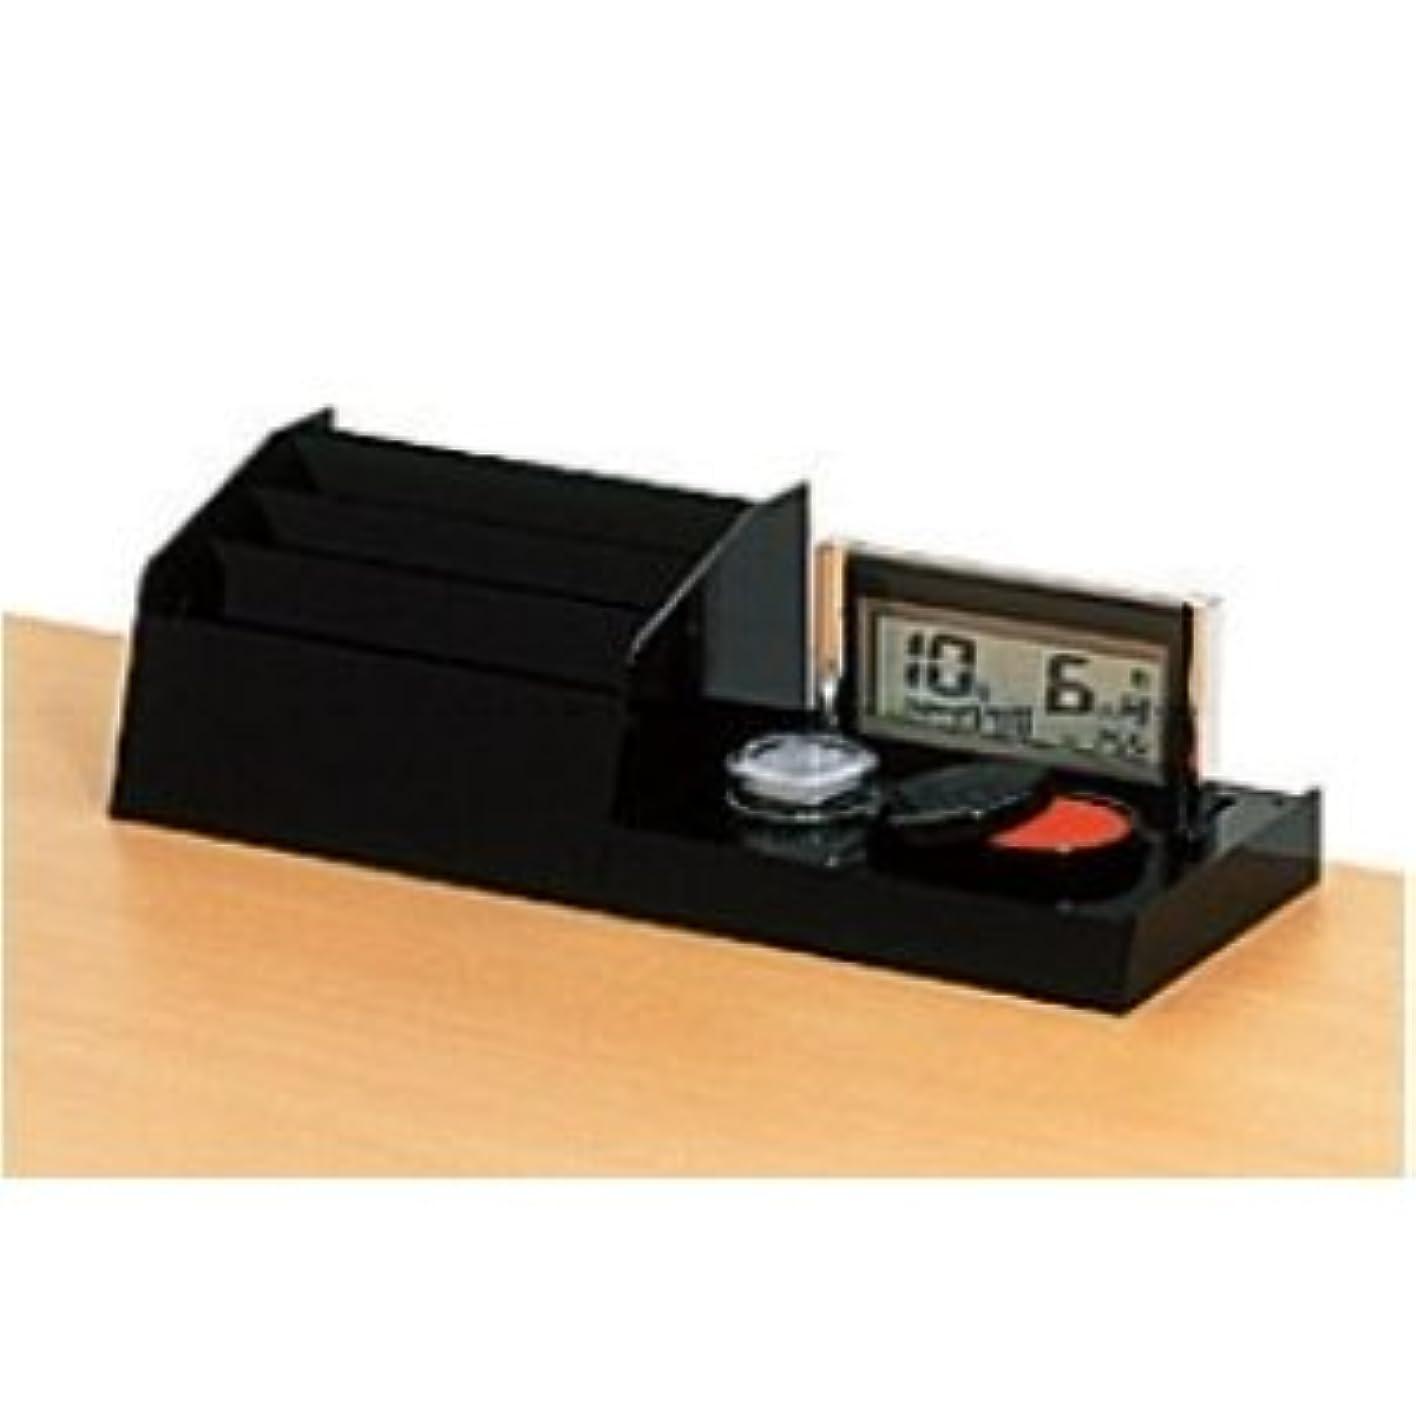 許可する振幅と記載台 デジタルカレンダー付伝票ケース (W428×D150×H120mm) KD KDO-DC